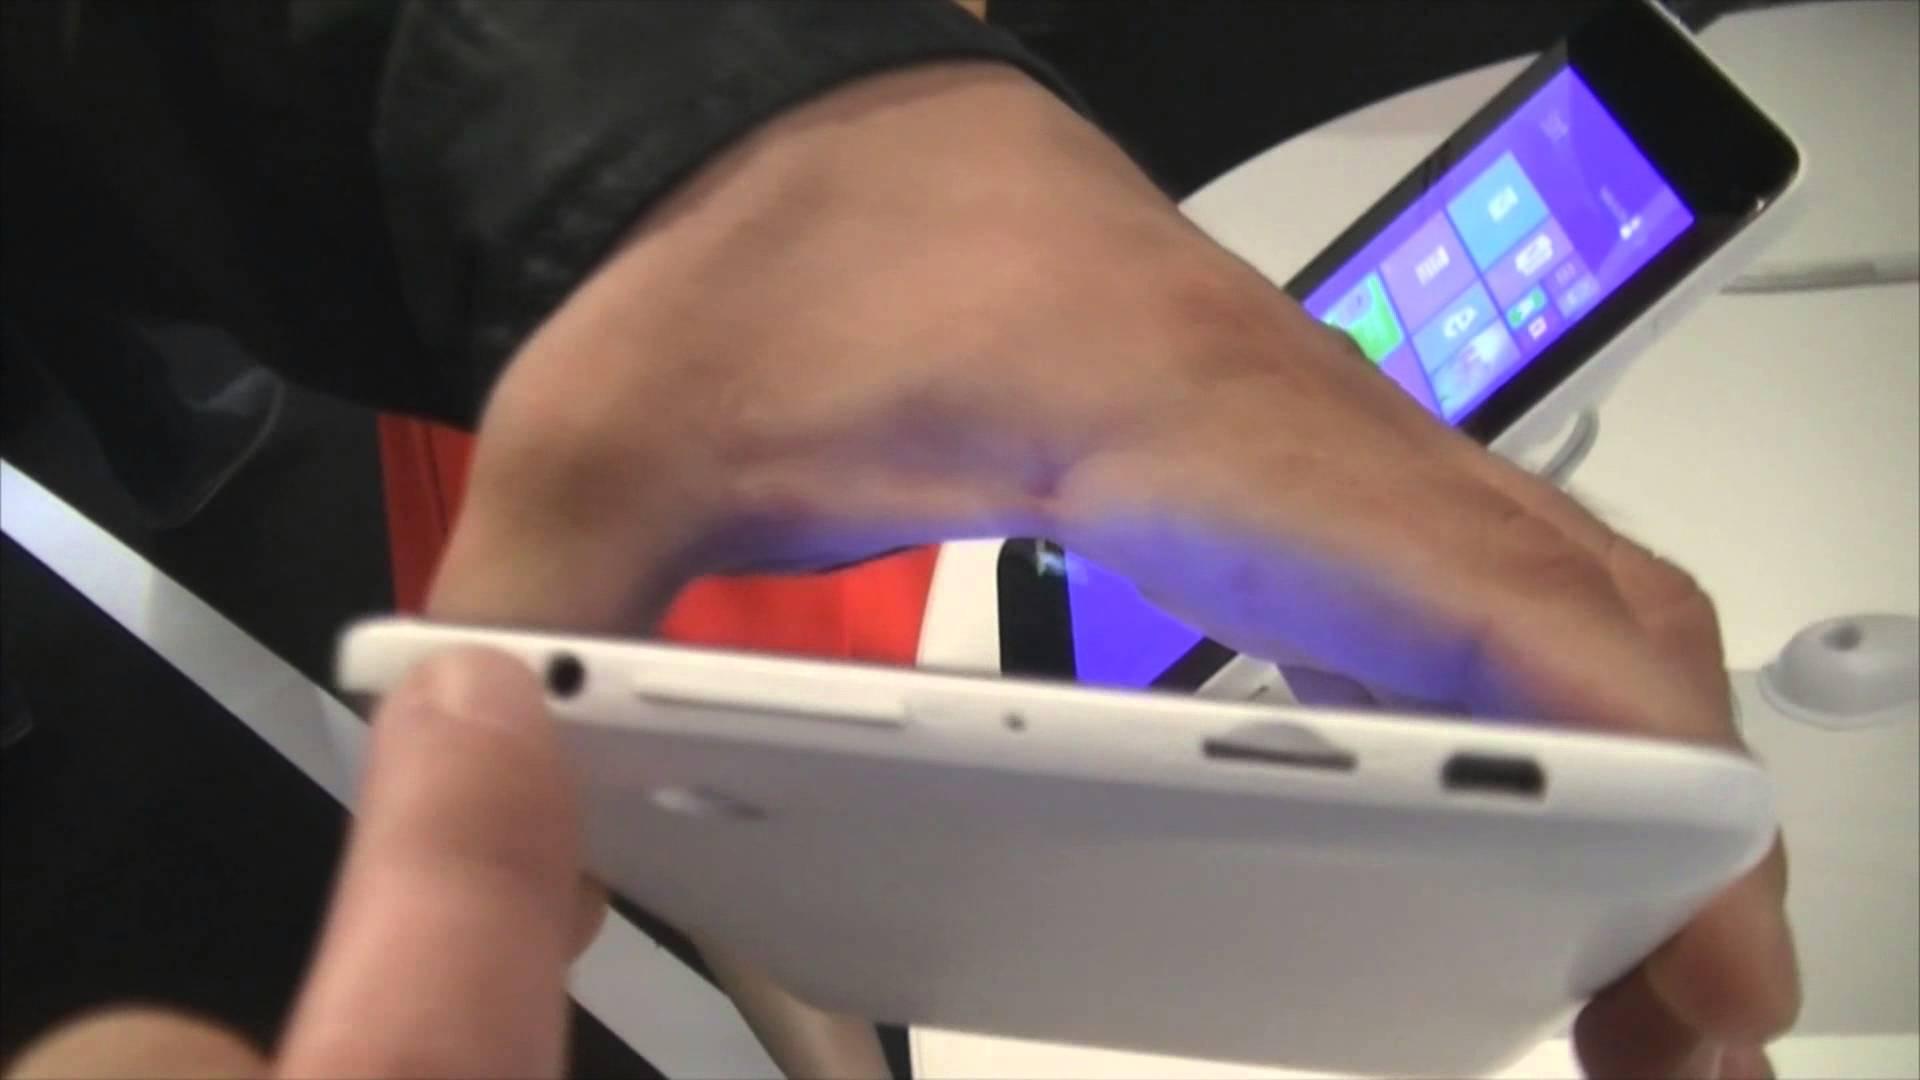 IFA 2014 : Toshiba Encore Mini, nouvelle tablette 7 pouces présentée à l'IFA 2014